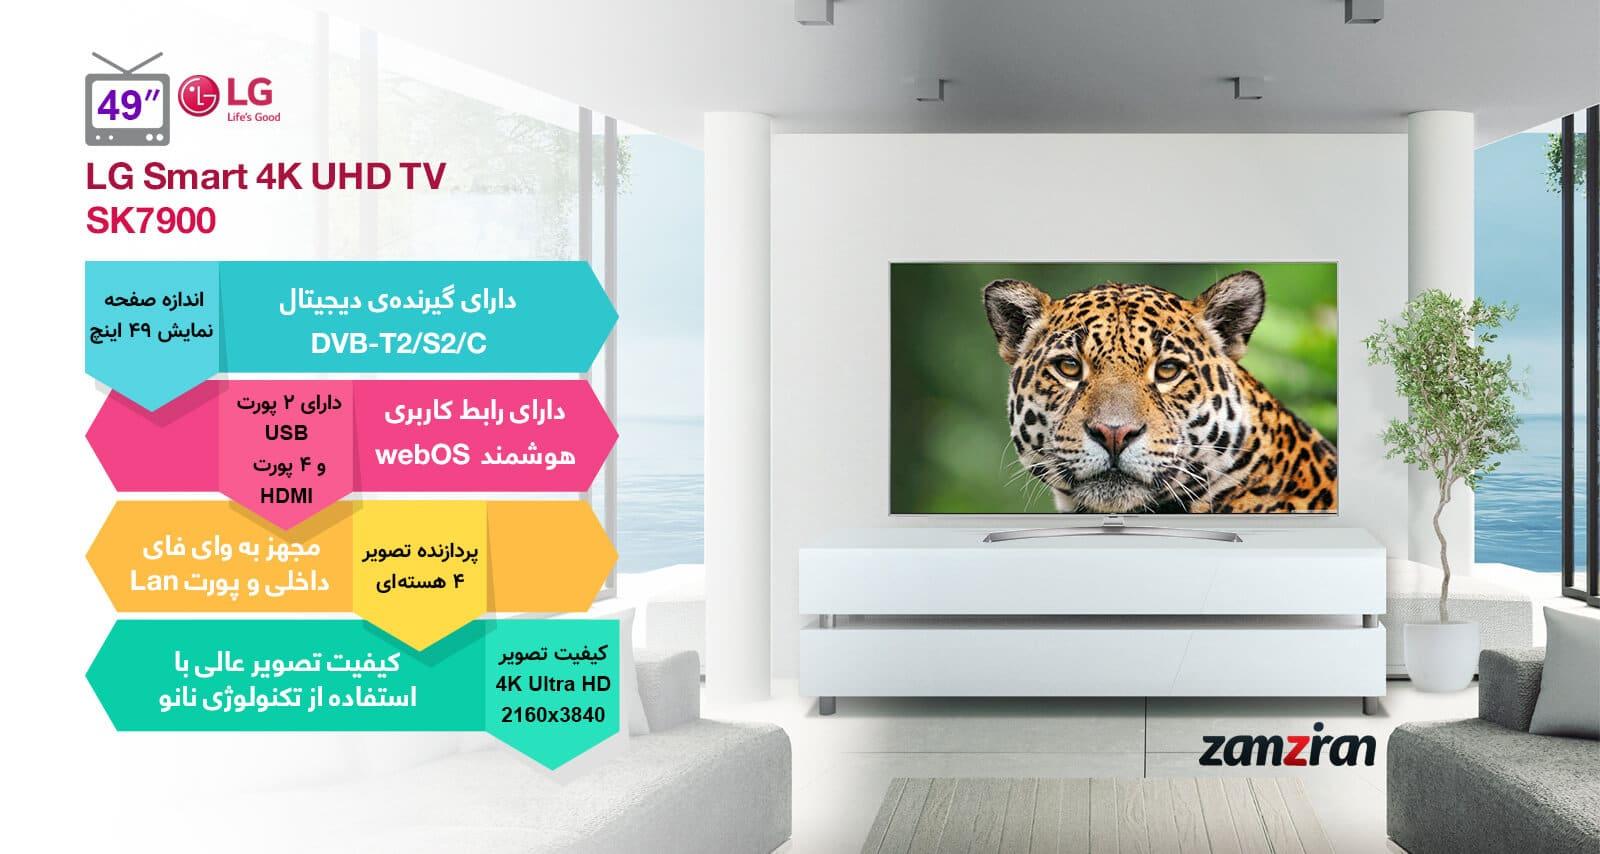 اینفوگرافی تلویزیون 49 اینچ الجی